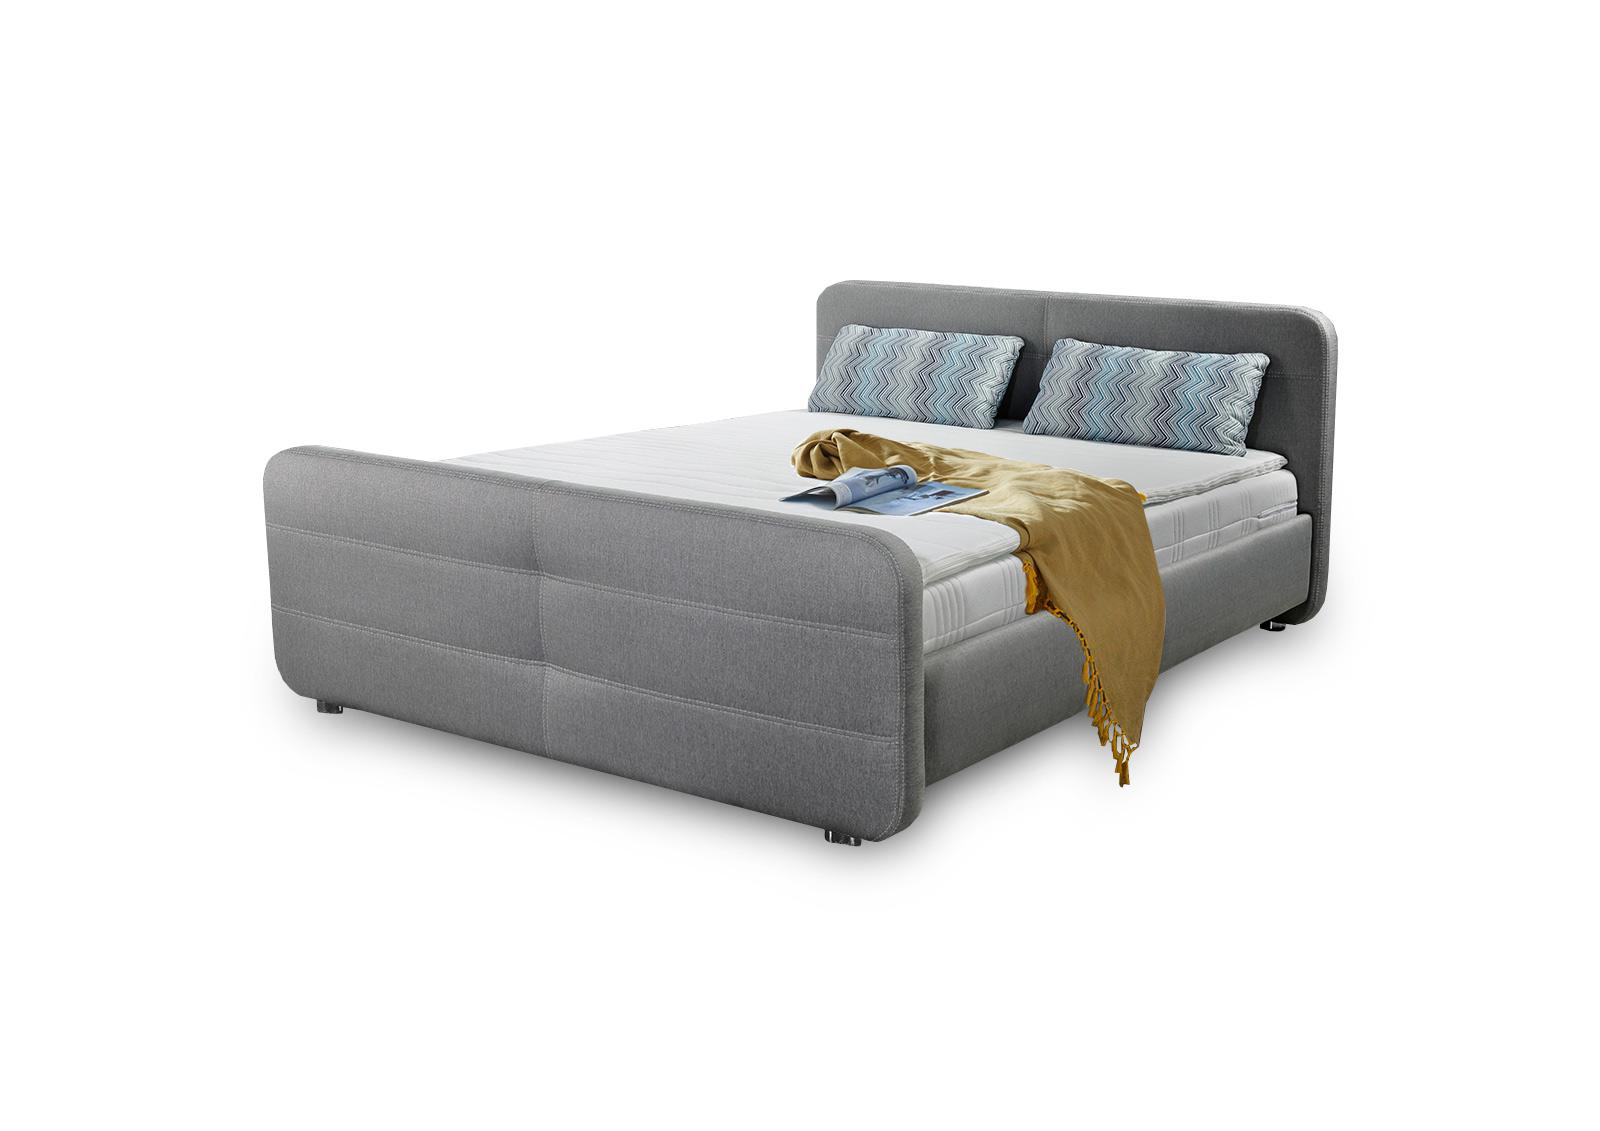 jockenh fer boxspringbett mira 140 x 200 cm in grau mit kopf und fu teil m bel letz ihr. Black Bedroom Furniture Sets. Home Design Ideas